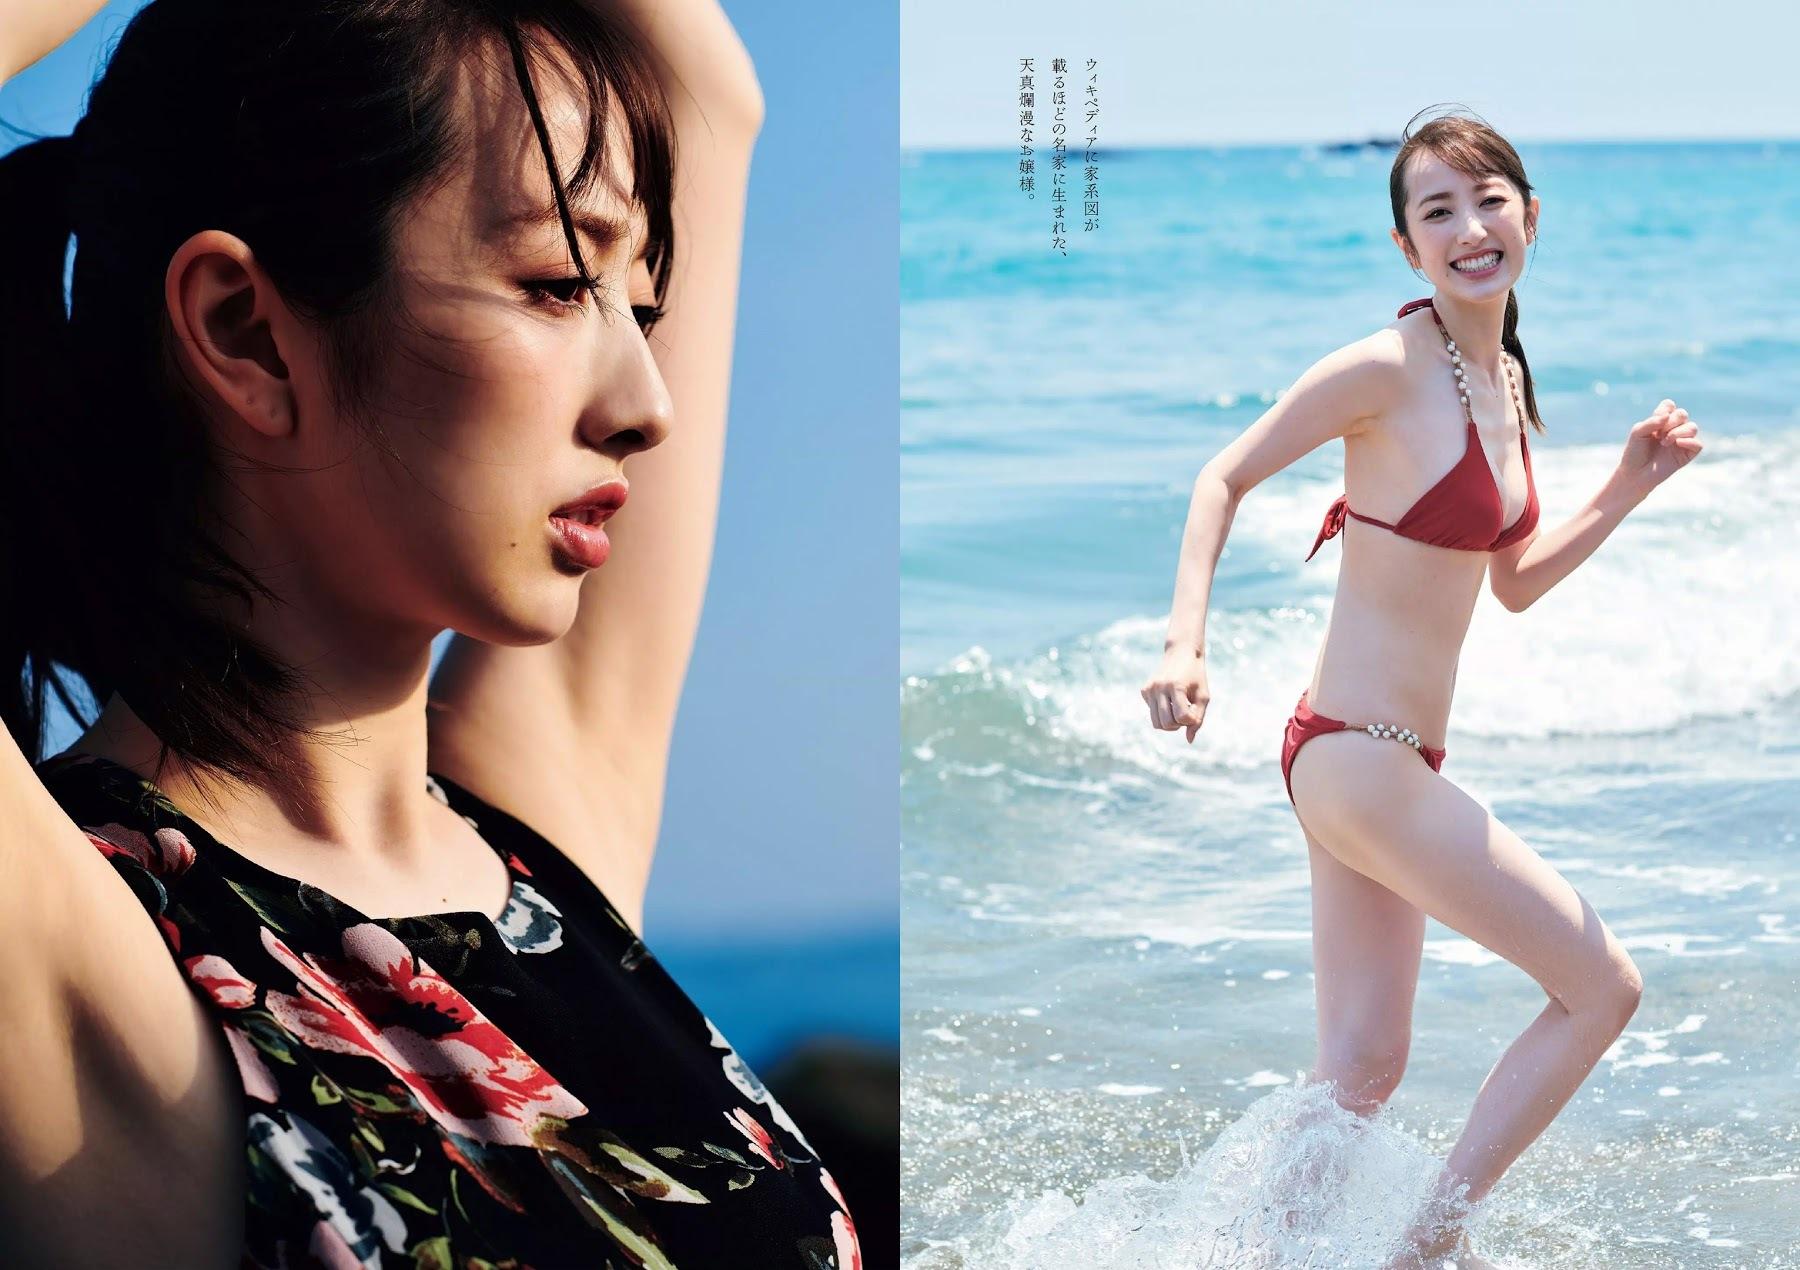 Haruka Dan Dan swimsuit gravure 27 years old Royal road former Zip004